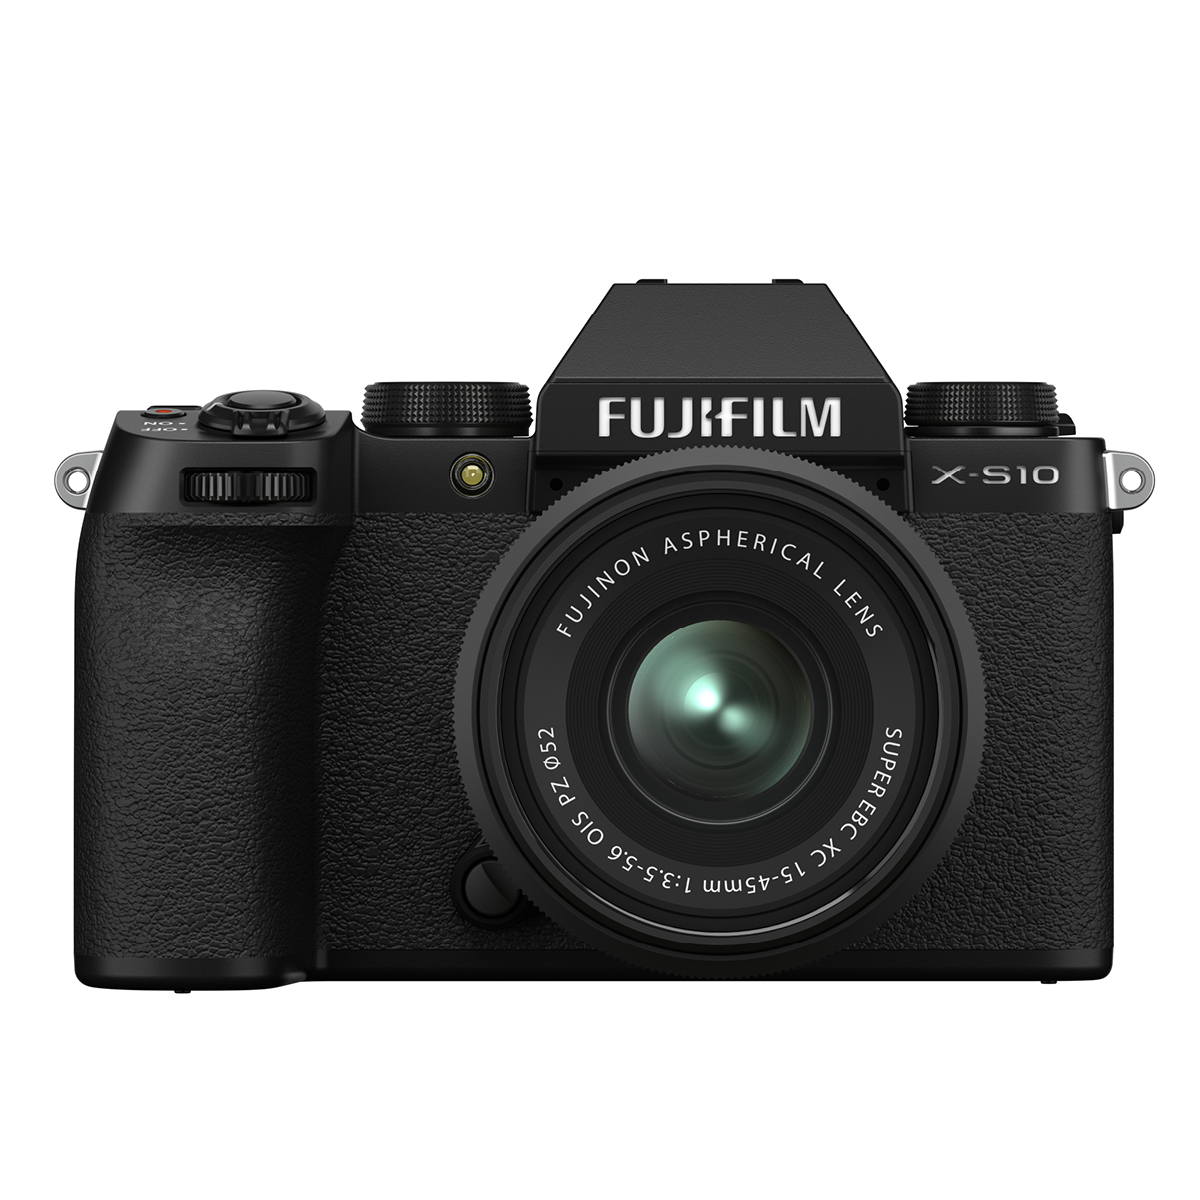 Fujifilm X-S 10 Kit mit 15-45 mm 1:3,5-5,6